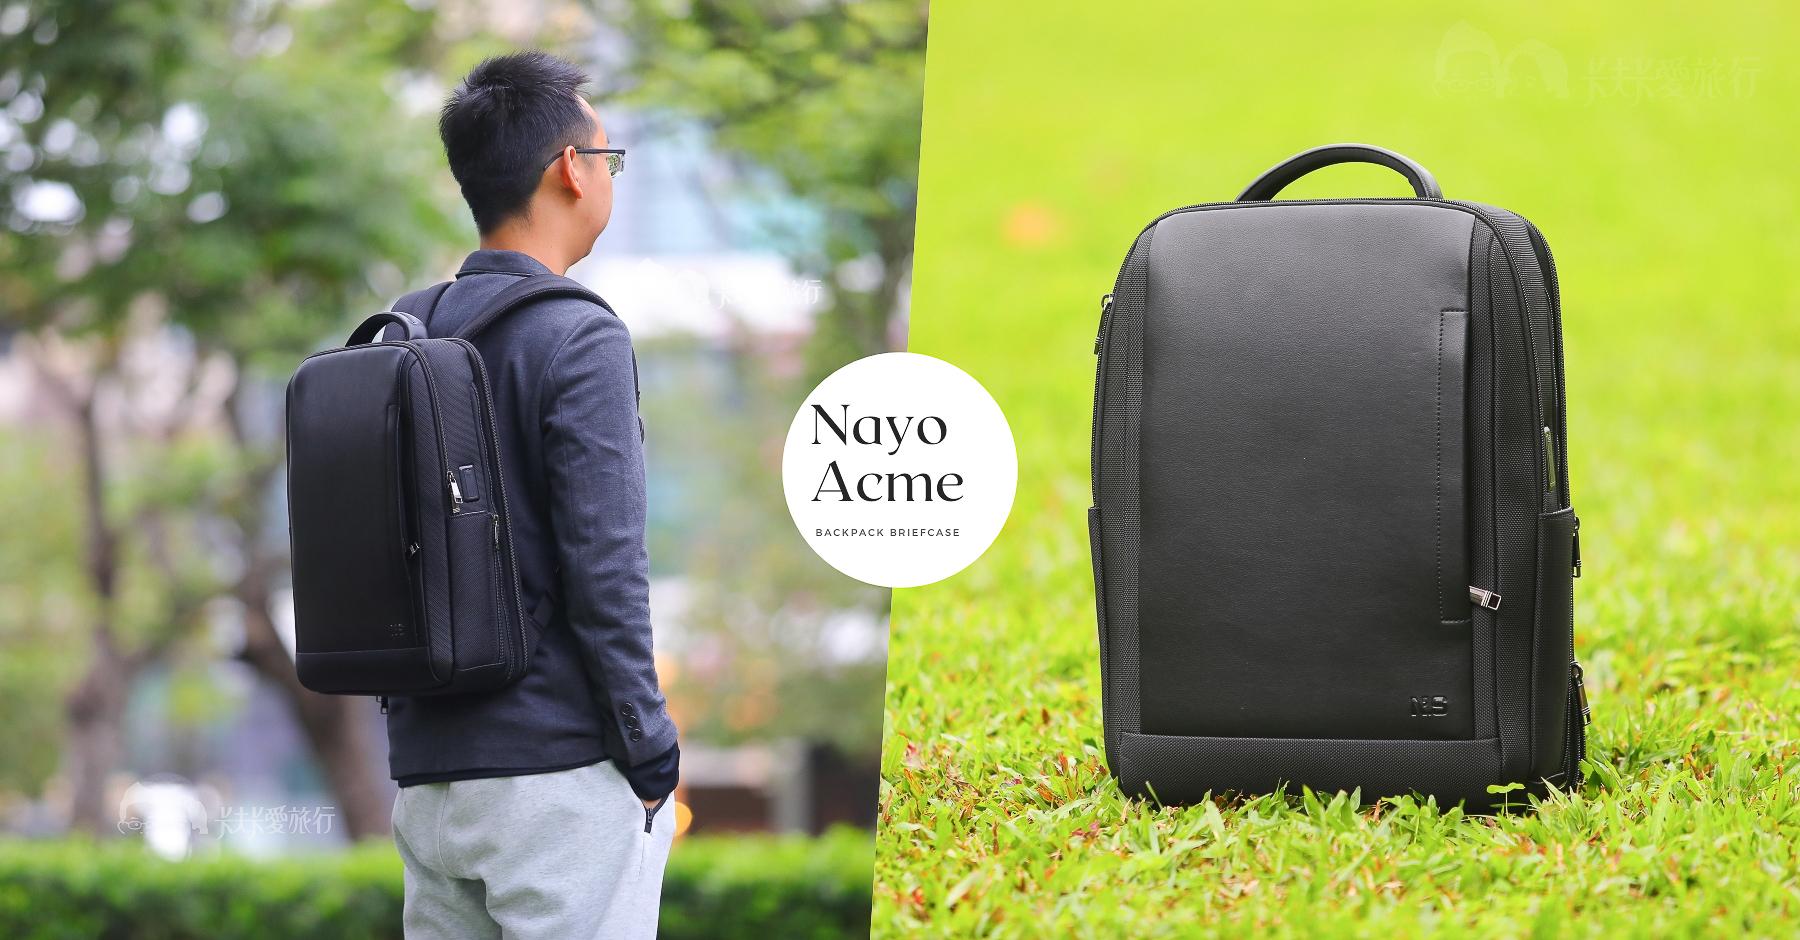 背包推薦|Nayo Acme後背包|高CP值休閒旅行商務一包搞定超有型背包開箱優缺點評價